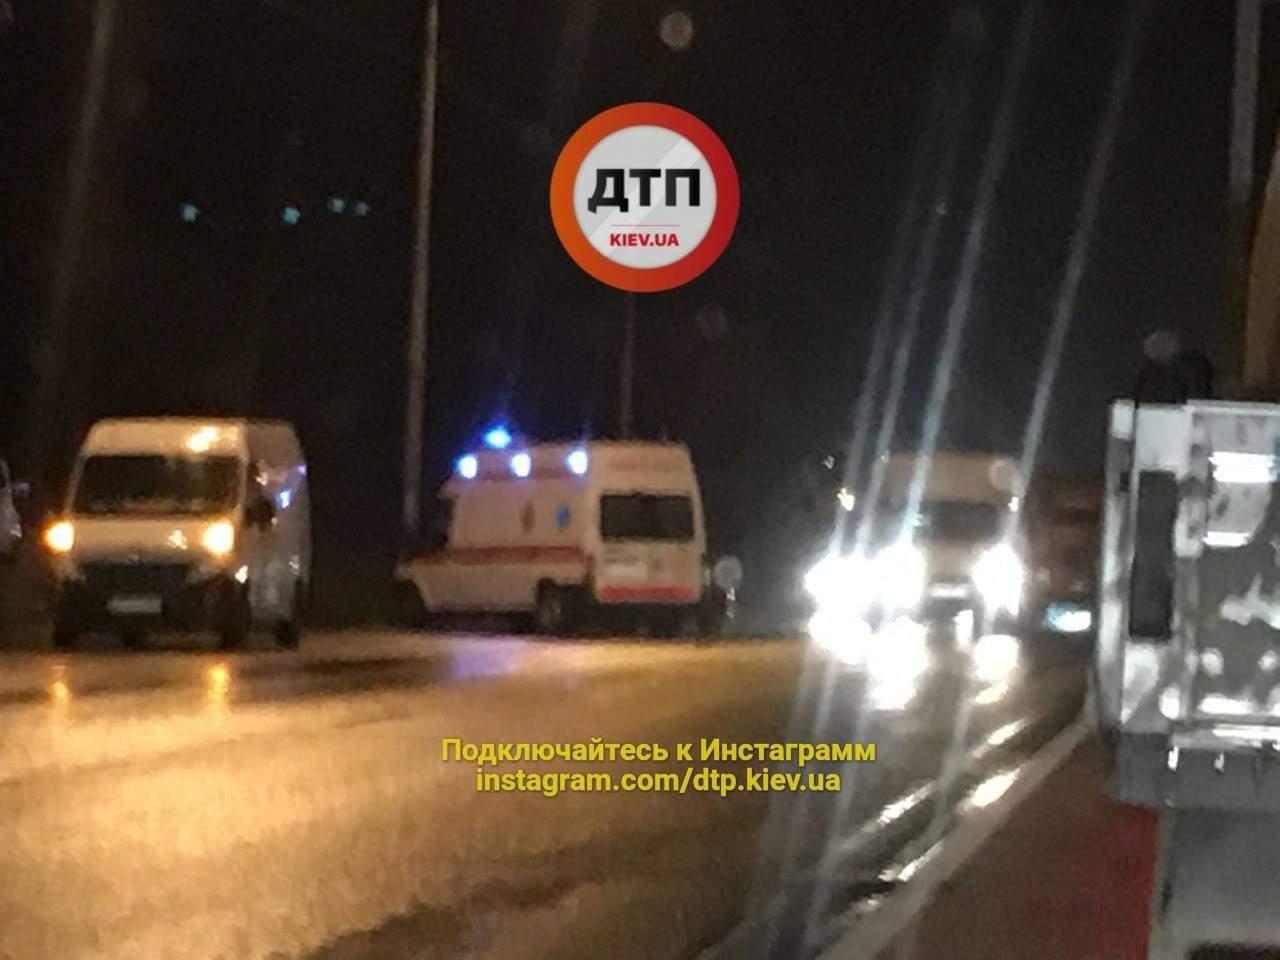 «Пункт назначения»: в Киеве произошло страшное ДТП (фото)